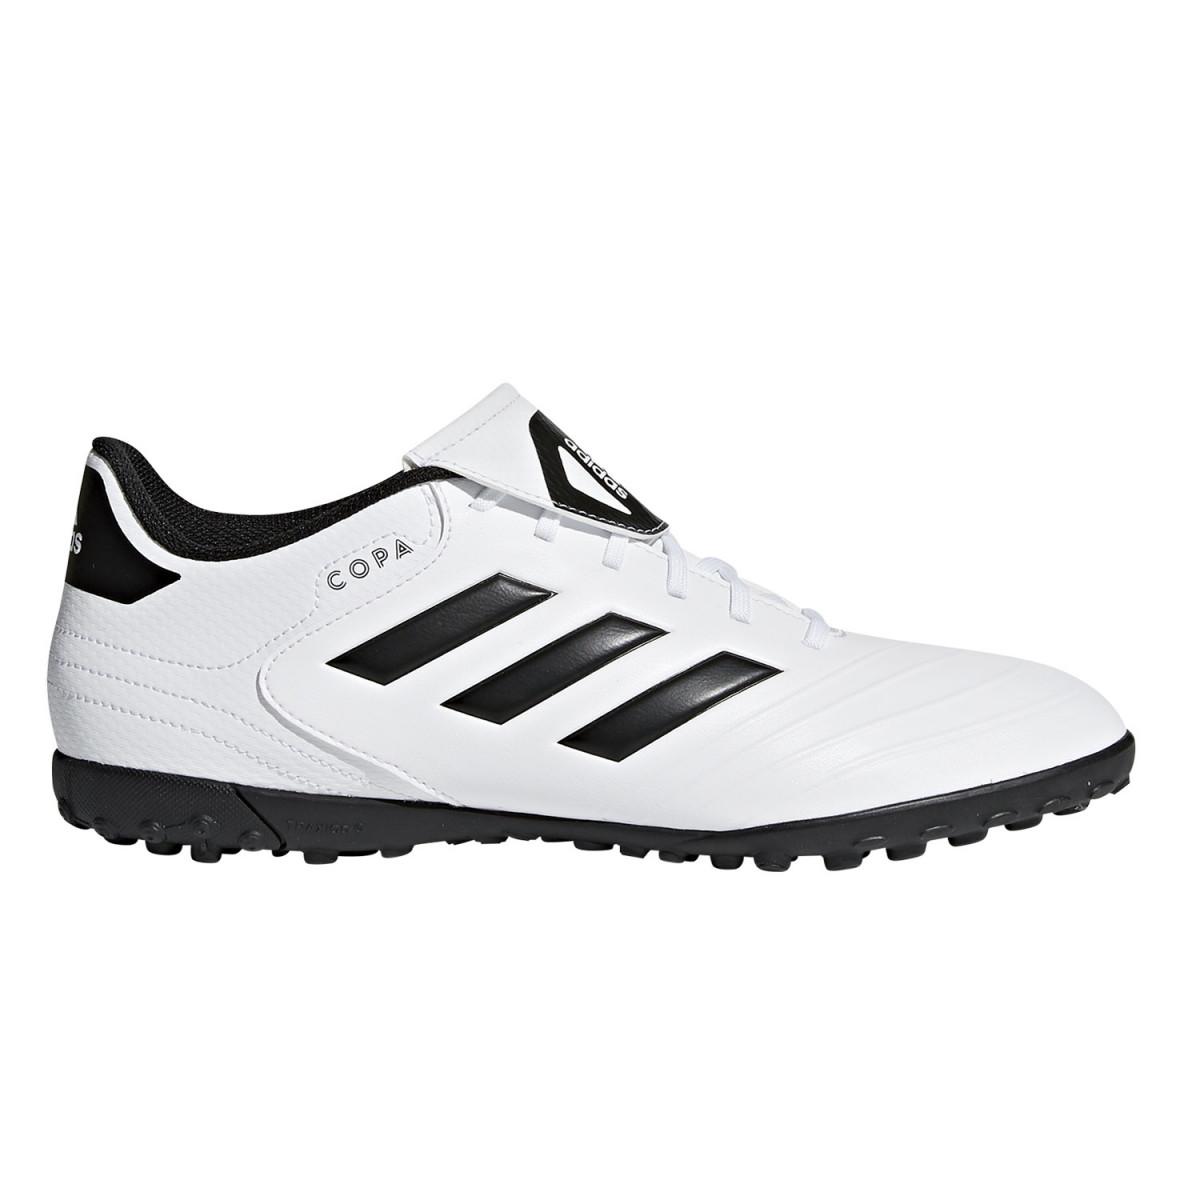 Botines Adidas Copa Tango 18.4 Tf - Fútbol - Disciplina fde1cce33a134